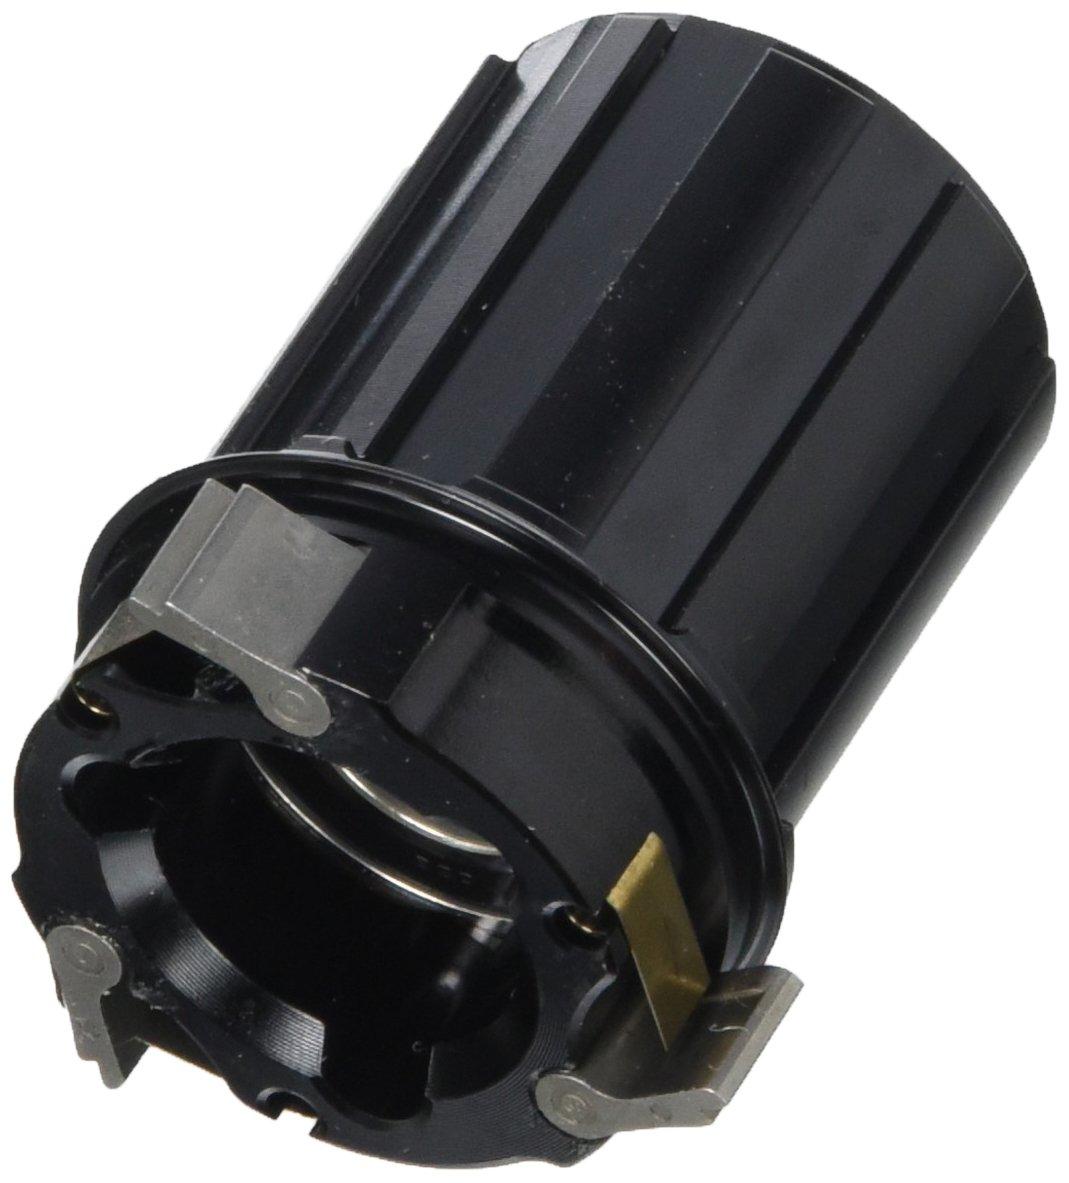 E13 HBF. unv-6d Körper Radzylinder Freien